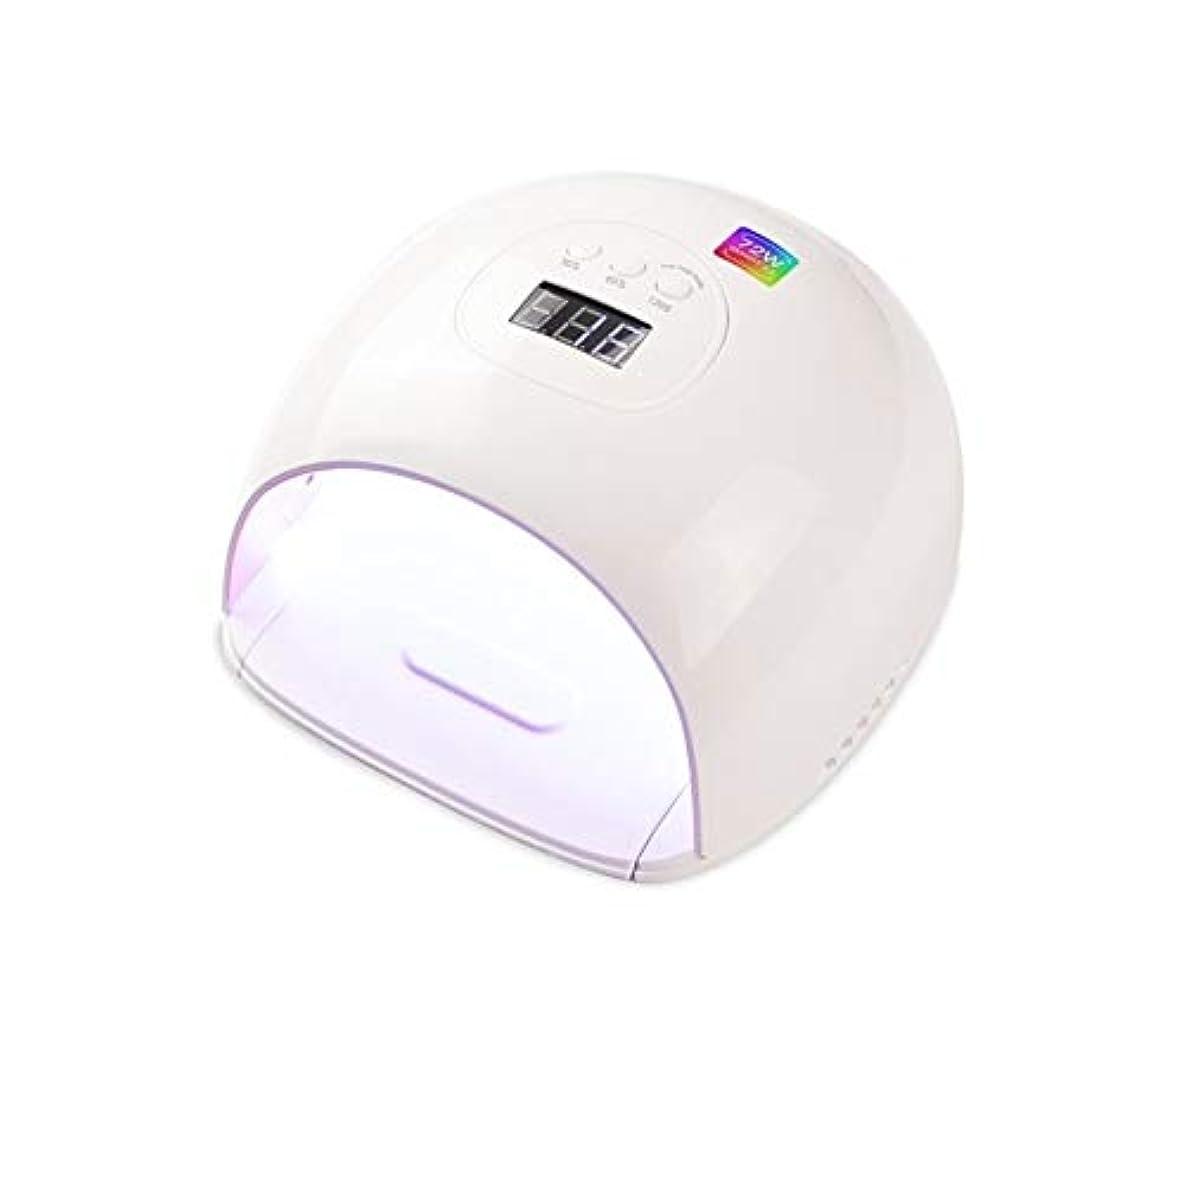 厄介な深遠降下LittleCat UV / LEDランプスマートセンサネイルUVランプ電力72Wプラスチックポーランドドライヤー (色 : European standard circular plug)